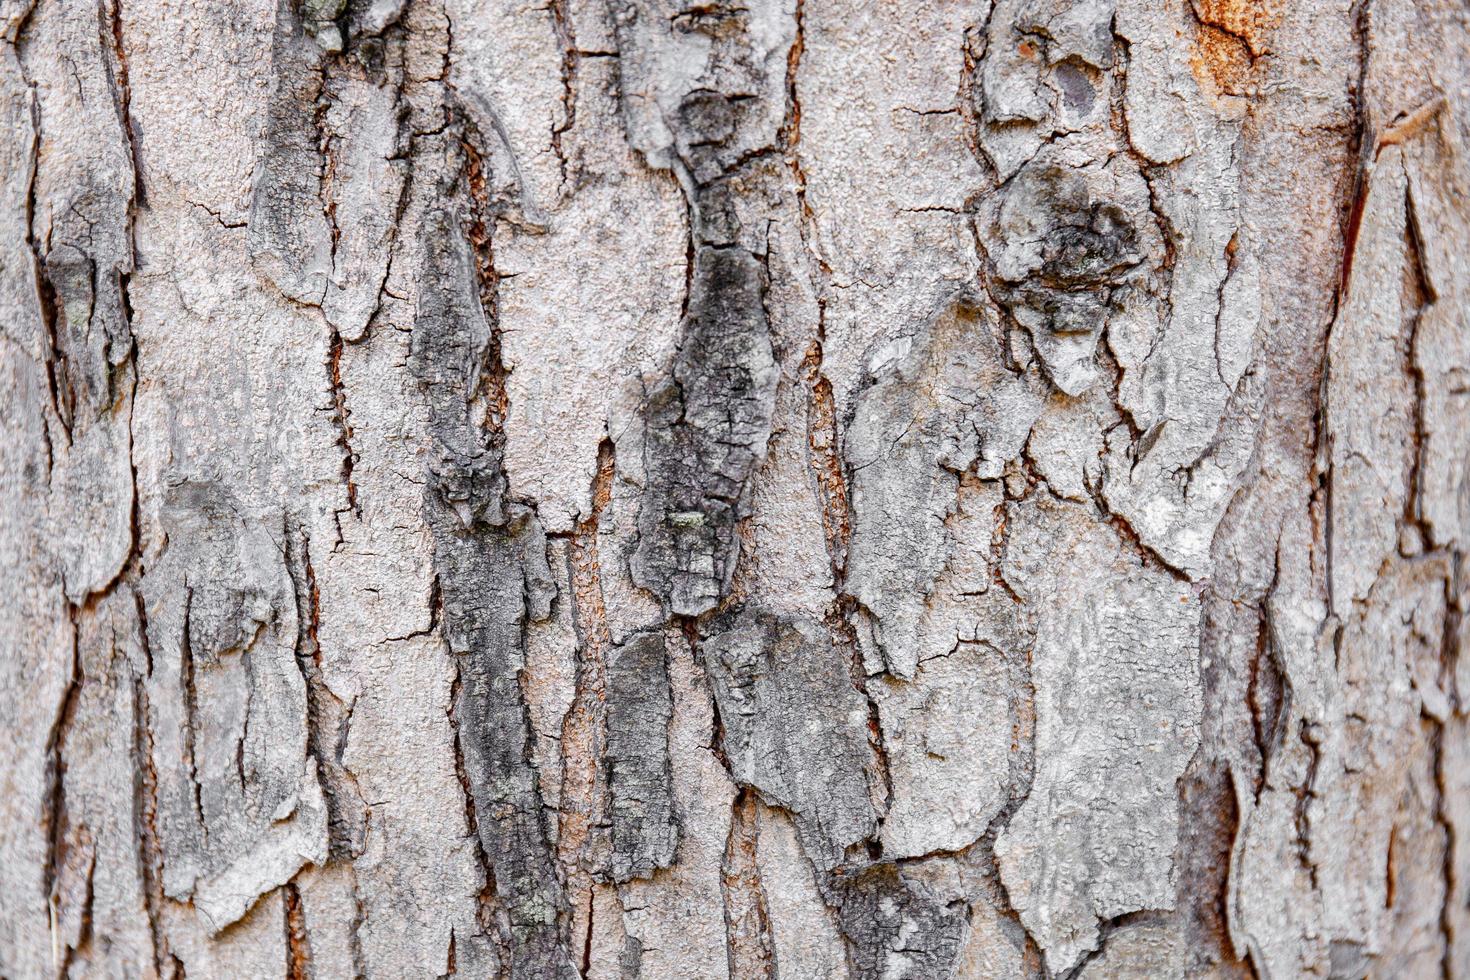 écorce d'arbre en gros plan de bois dur fissuré, fond de nature abstraite. photo